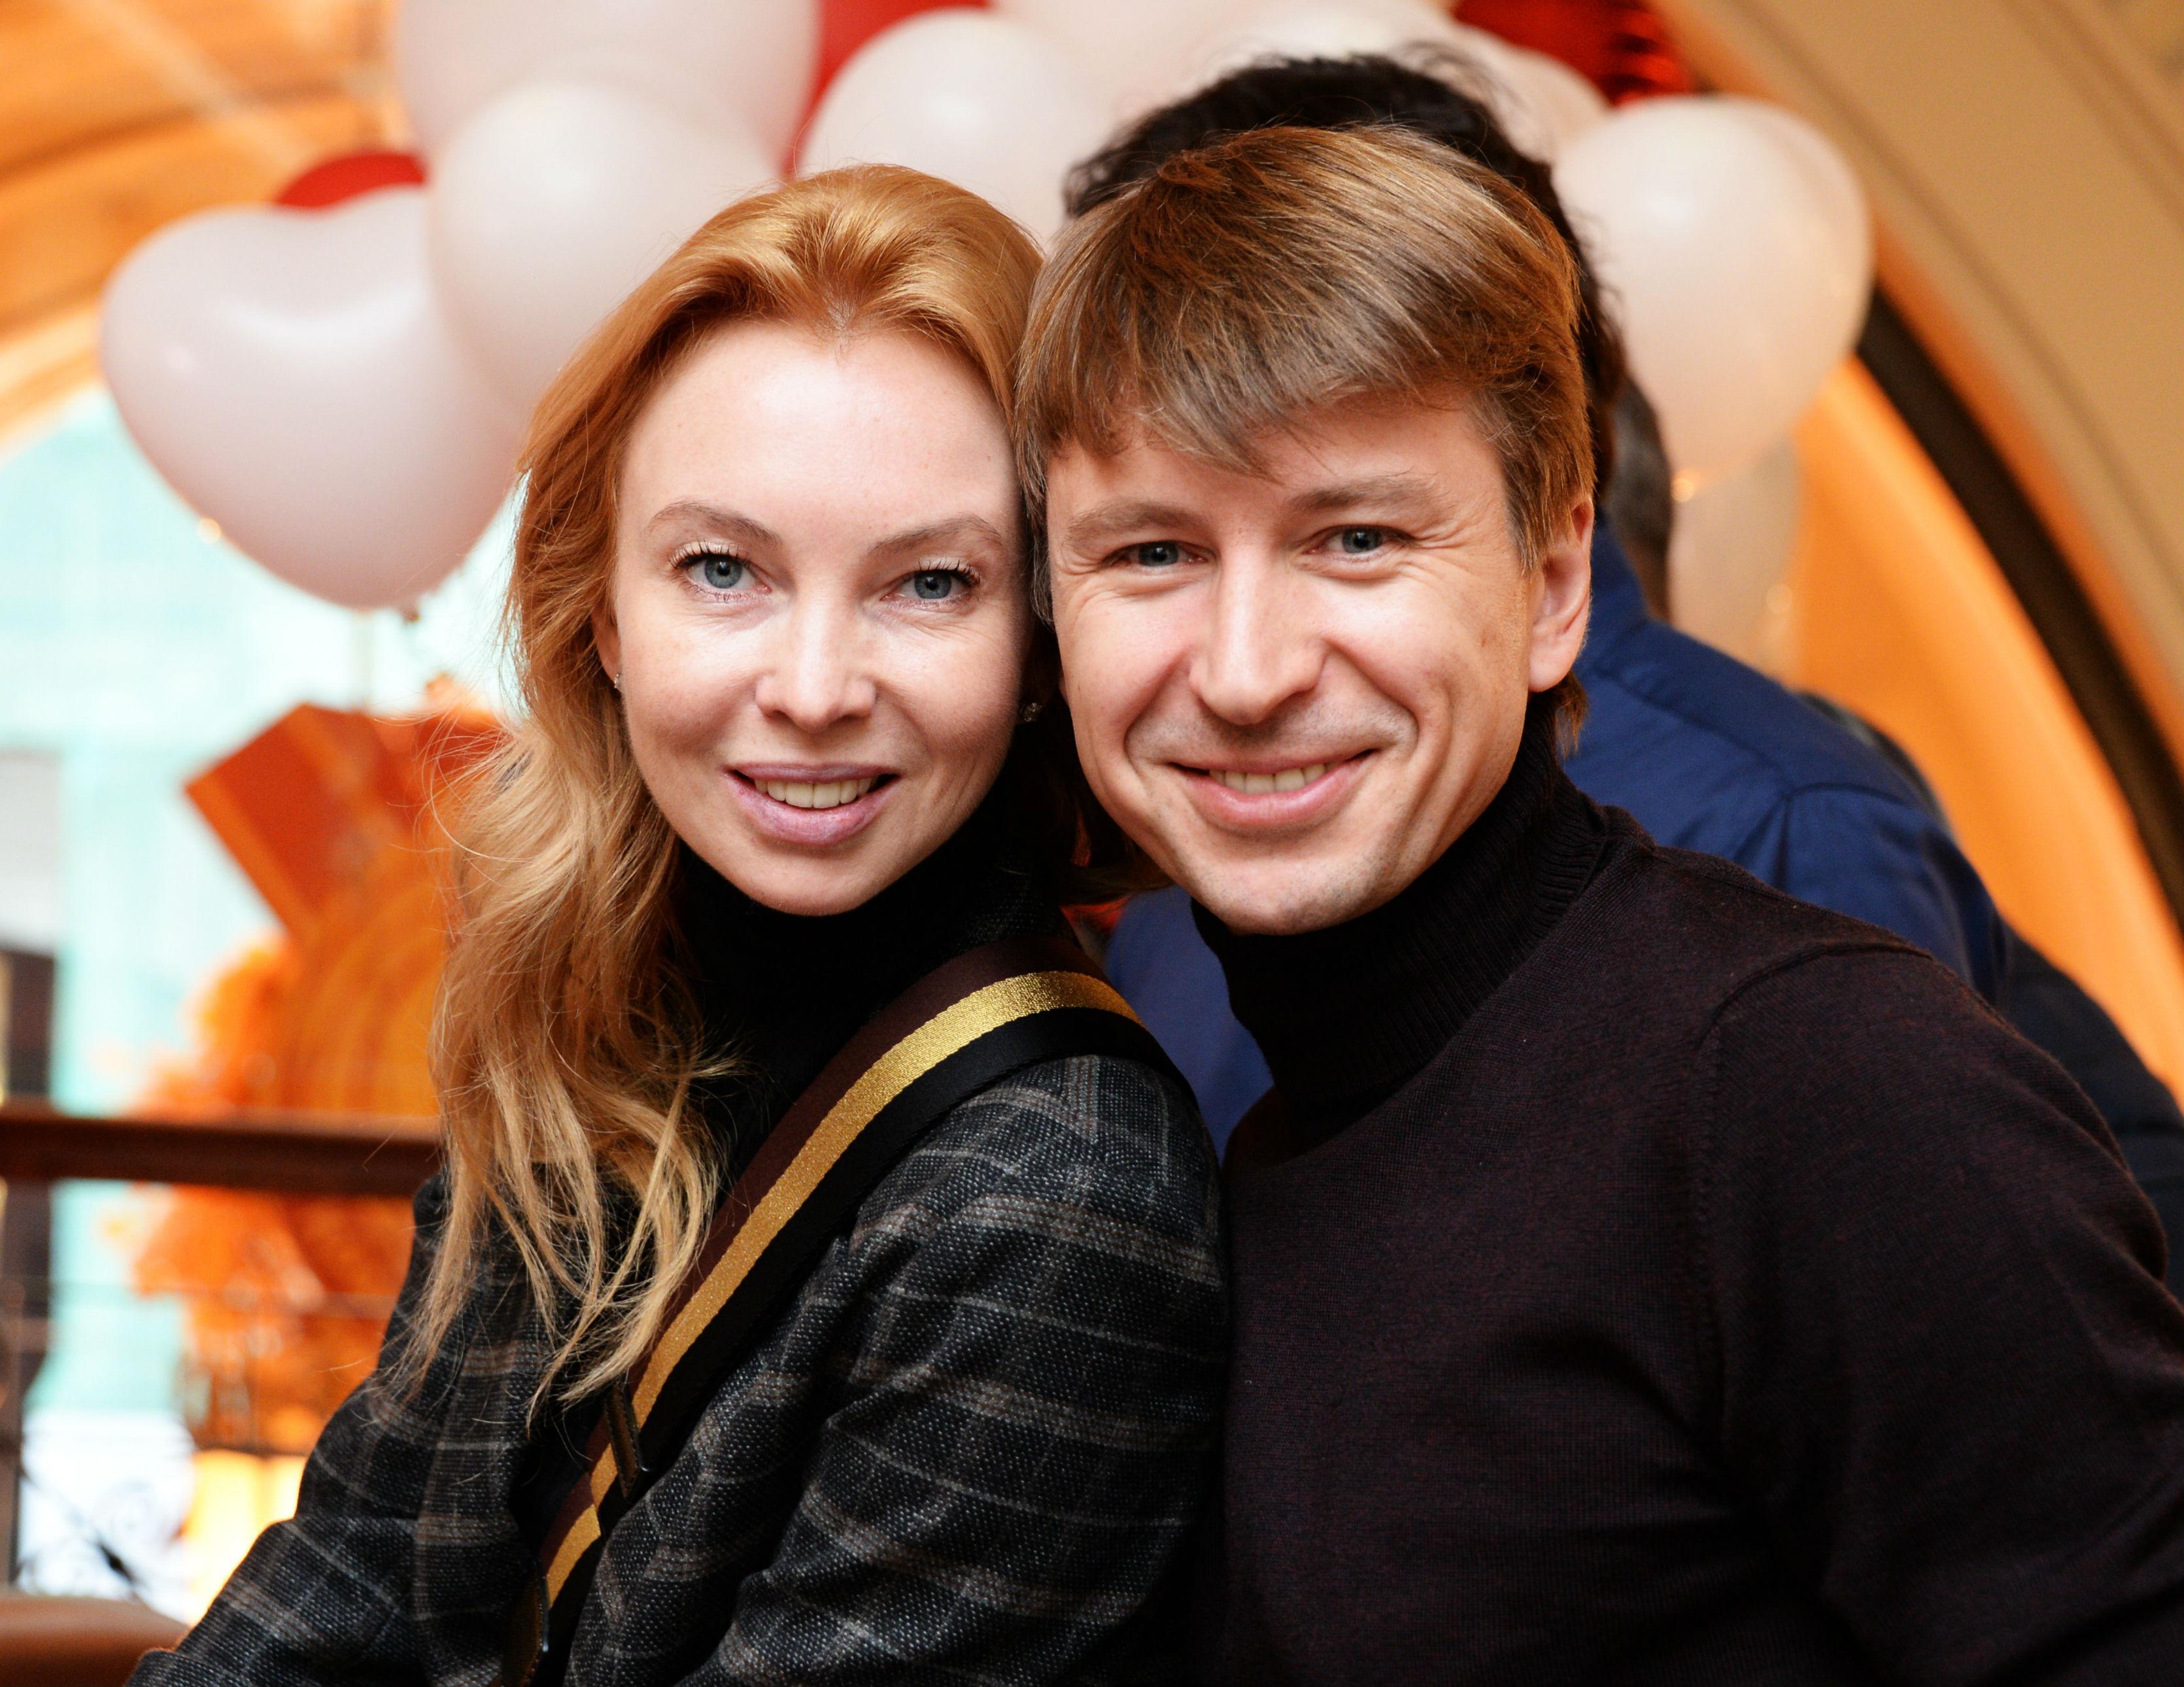 Алексей Ягудин рассказал о проблемах с женой